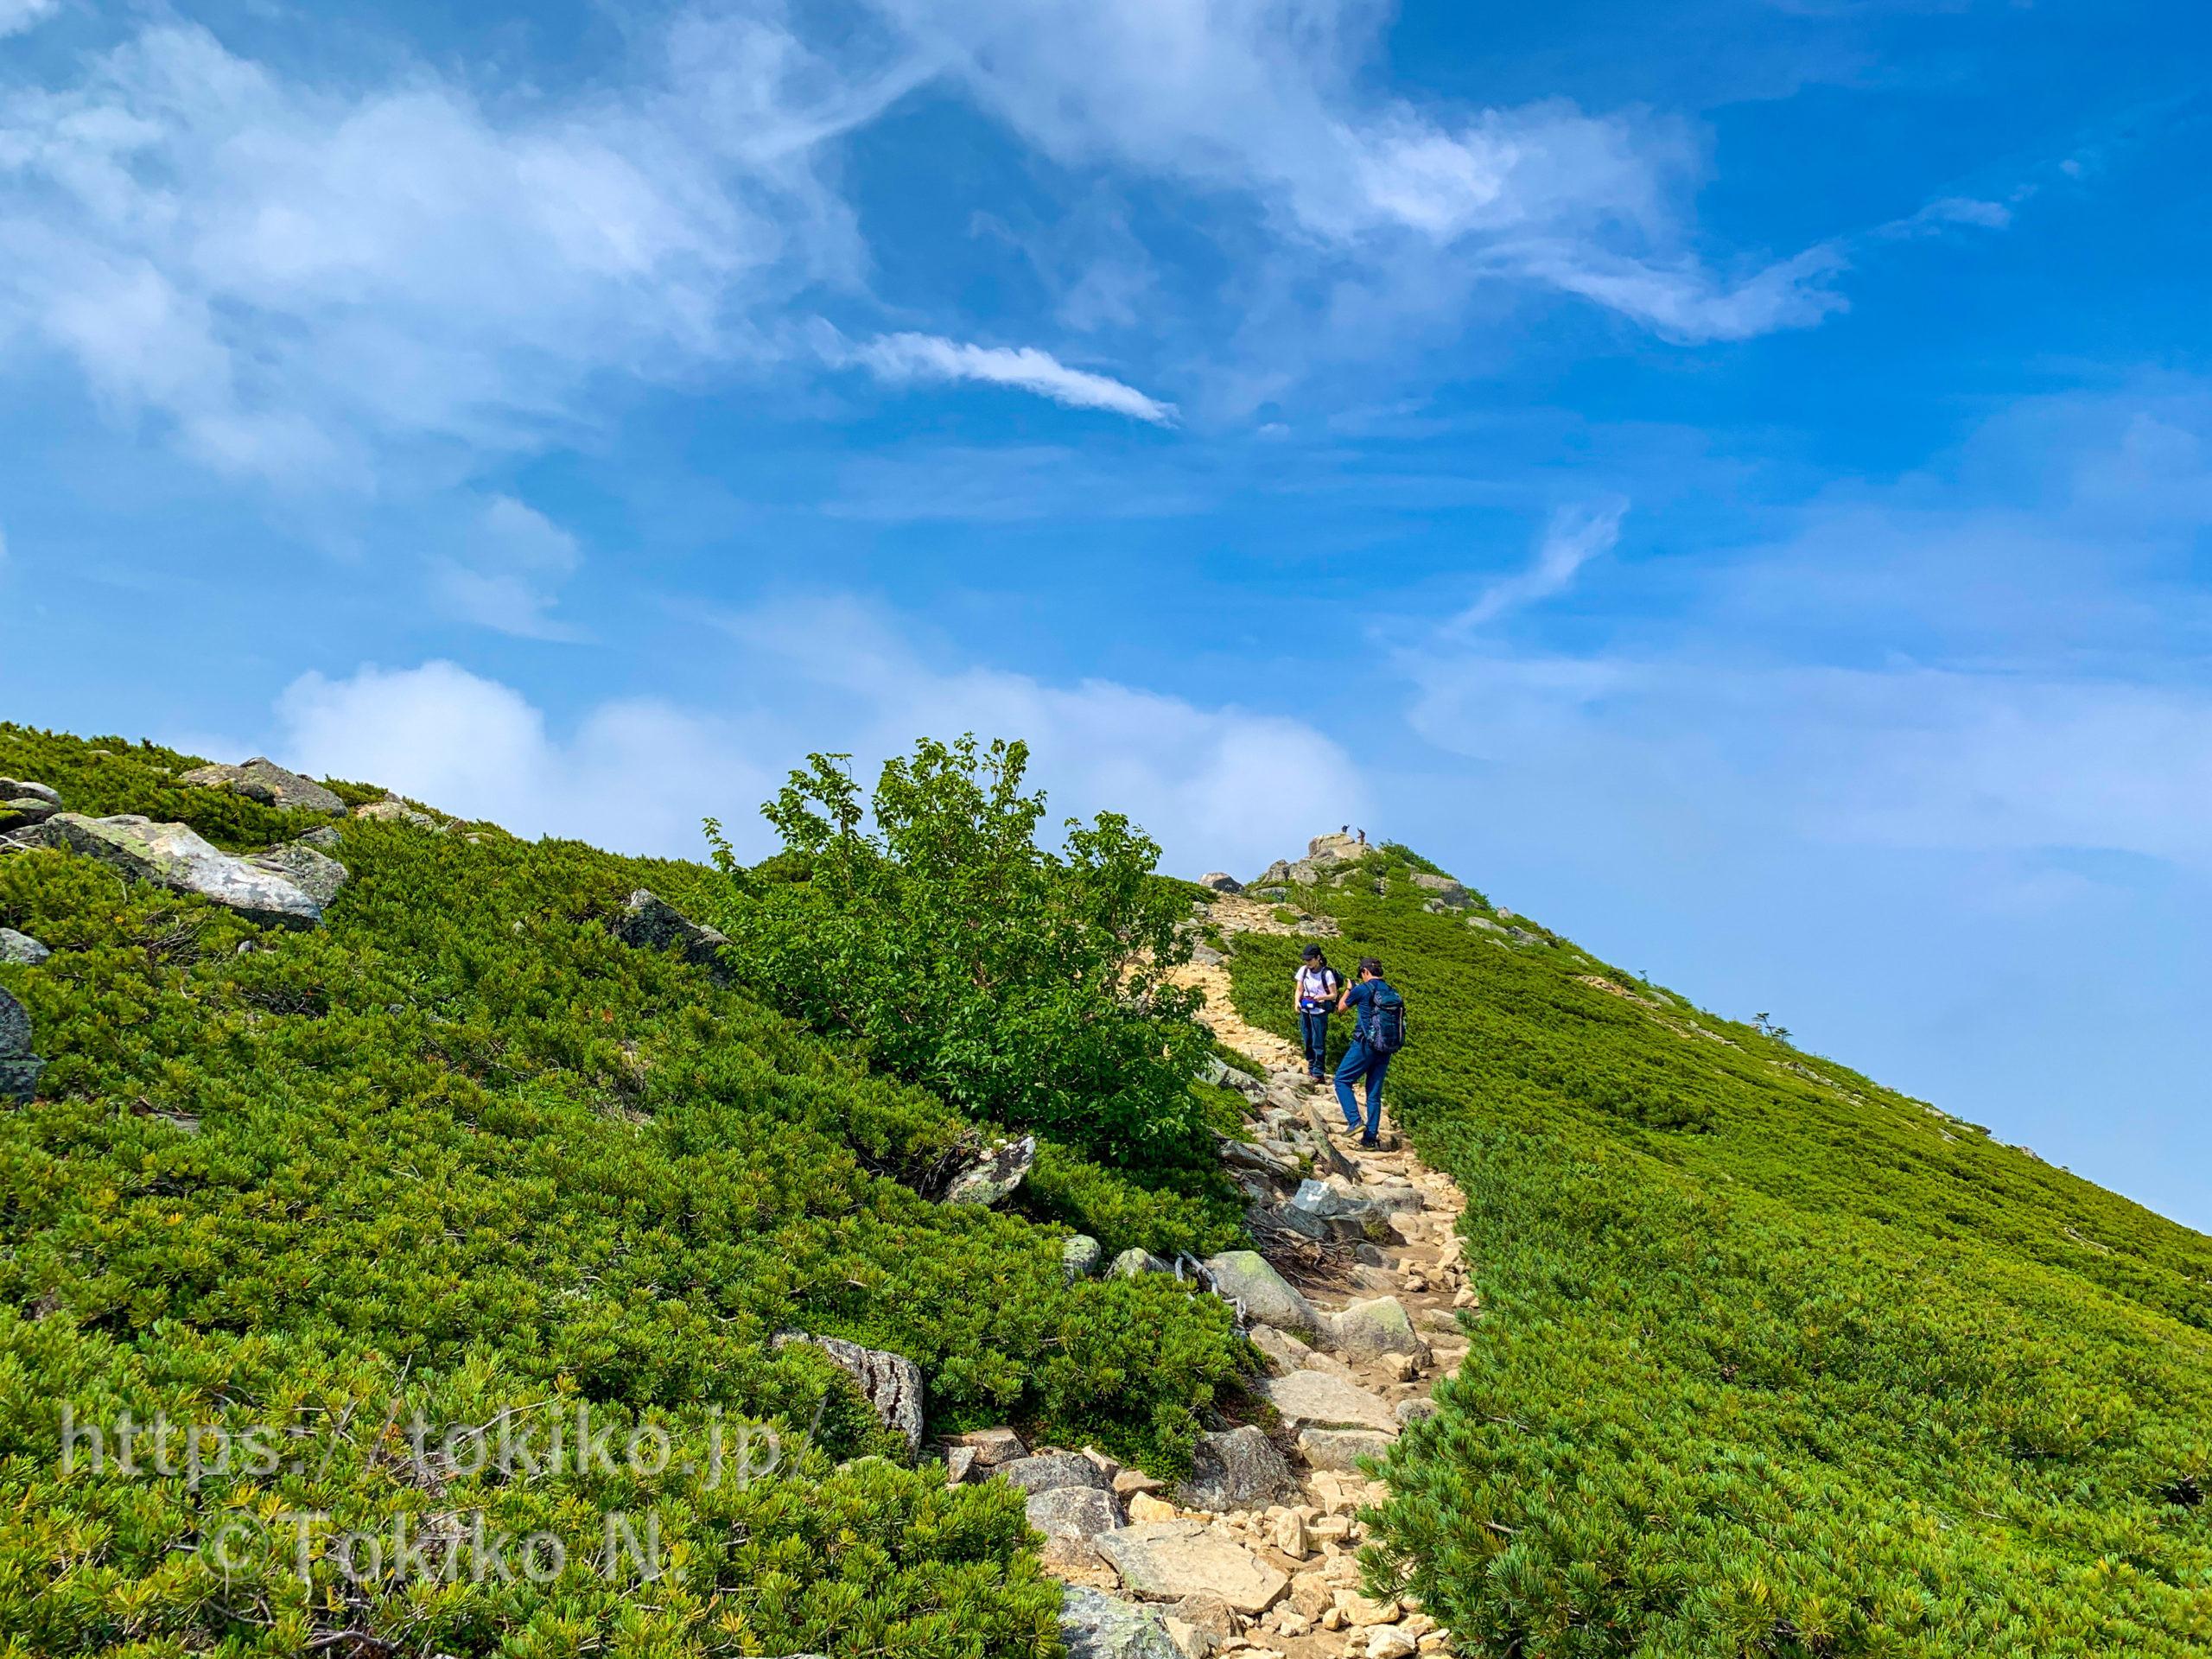 金峰山|大弛峠からピストン|マタニティ登山その④|妊娠7ヶ月